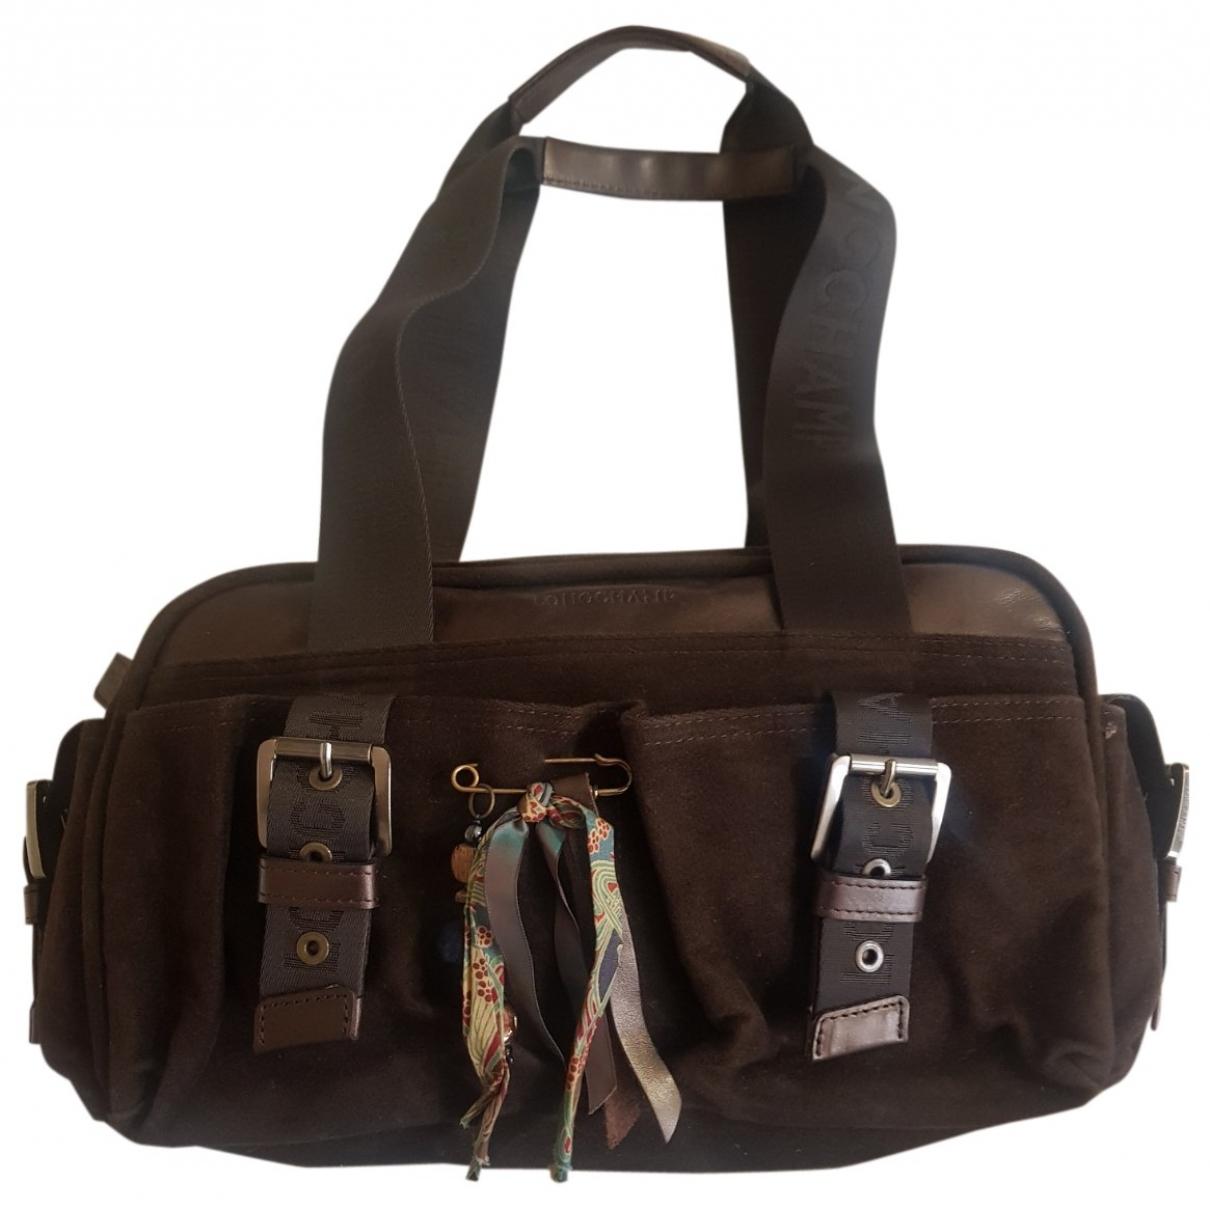 Longchamp \N Handtasche in  Braun Samt